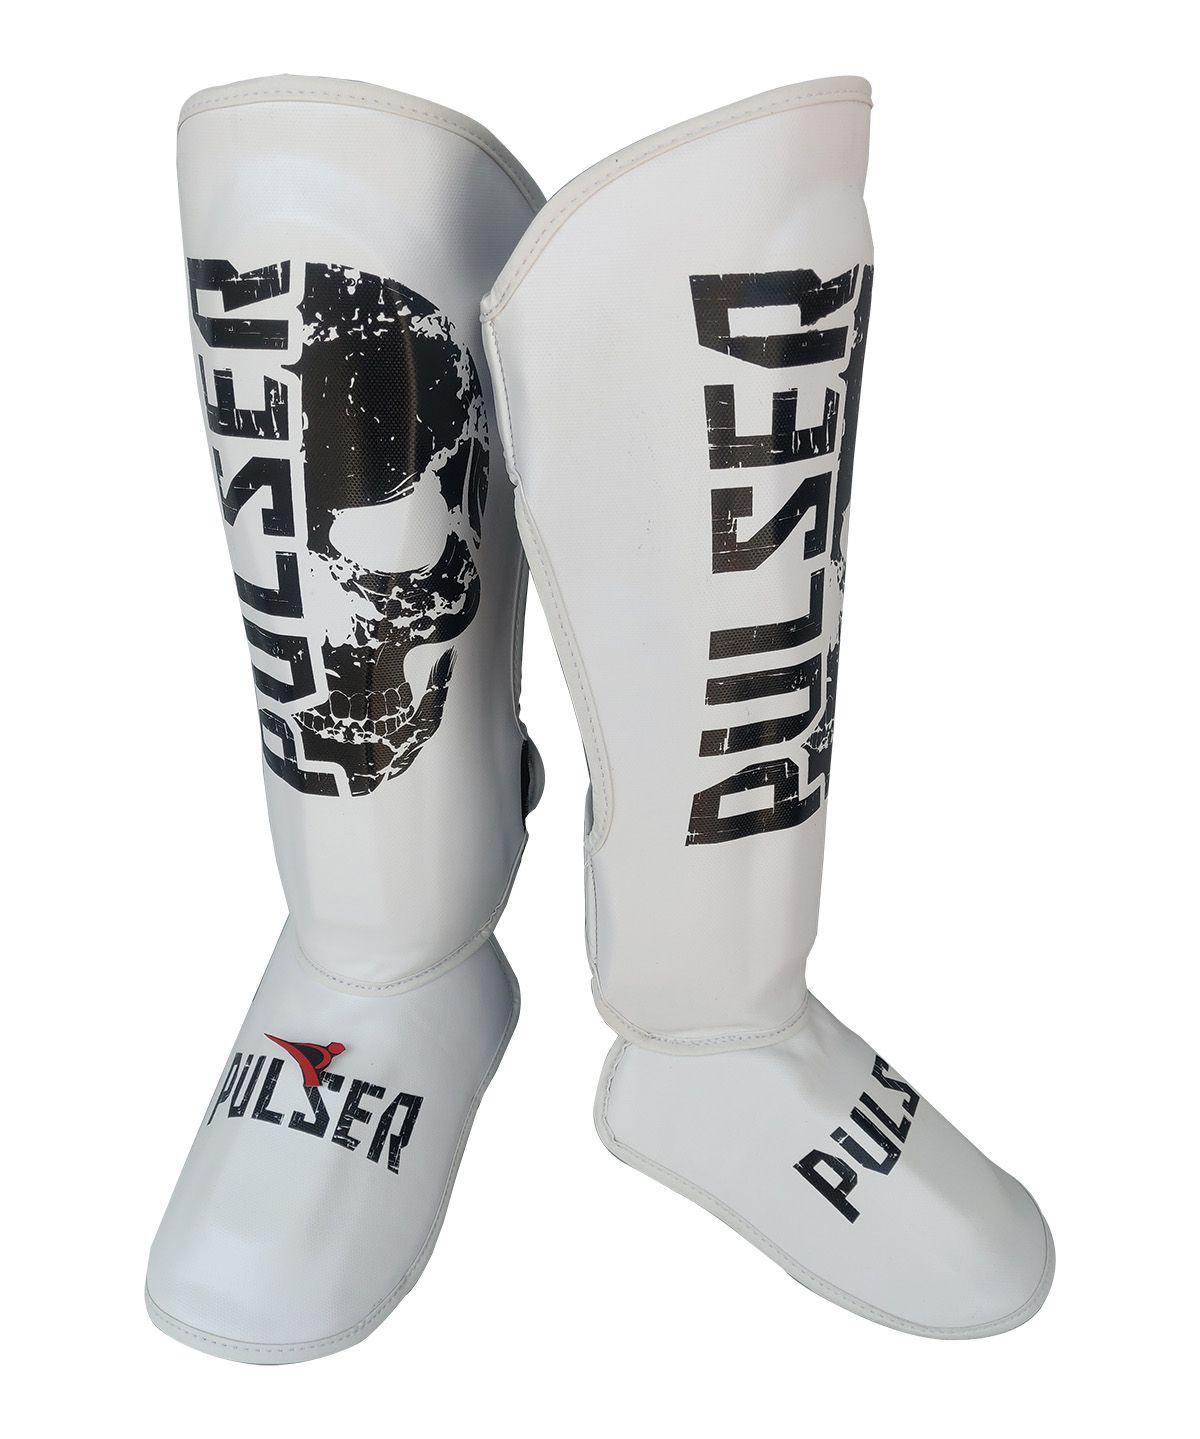 Caneleira Muay Thai MMA Branco Caveira New Grande 30mm - Pulser  - PRALUTA SHOP